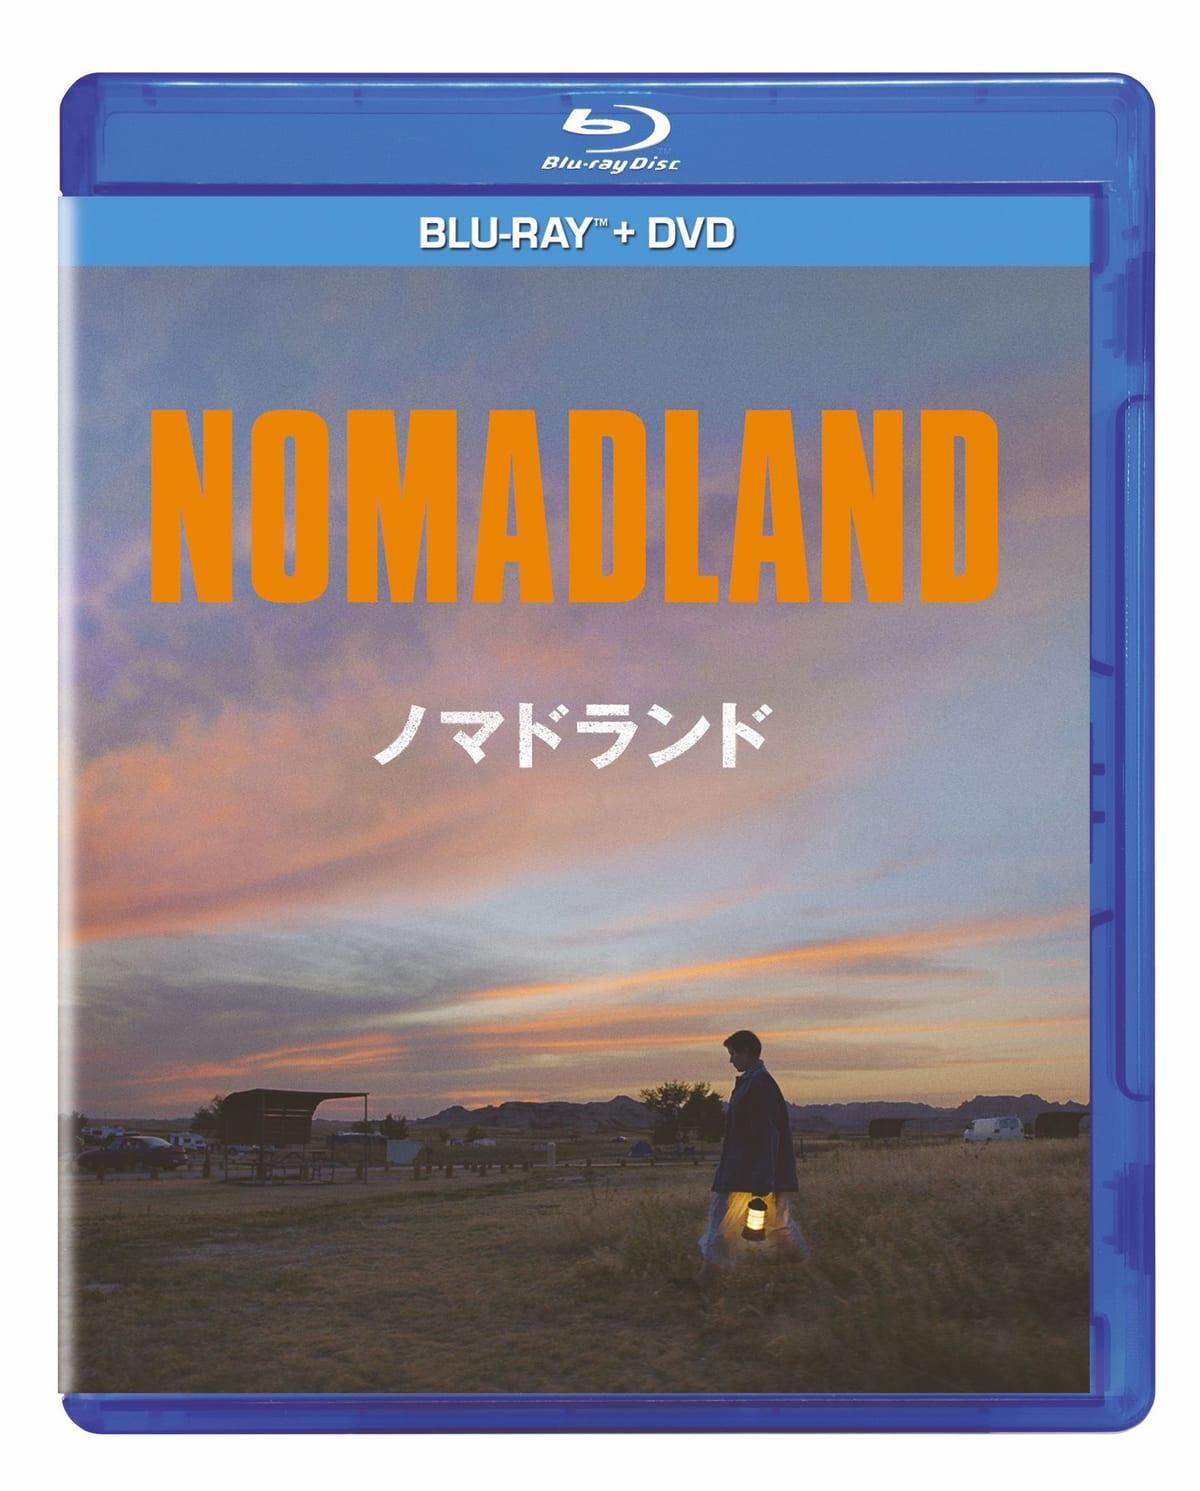 【ジャケット写真】『ノマドランド』ブルーレイ+DVDセット差し替え